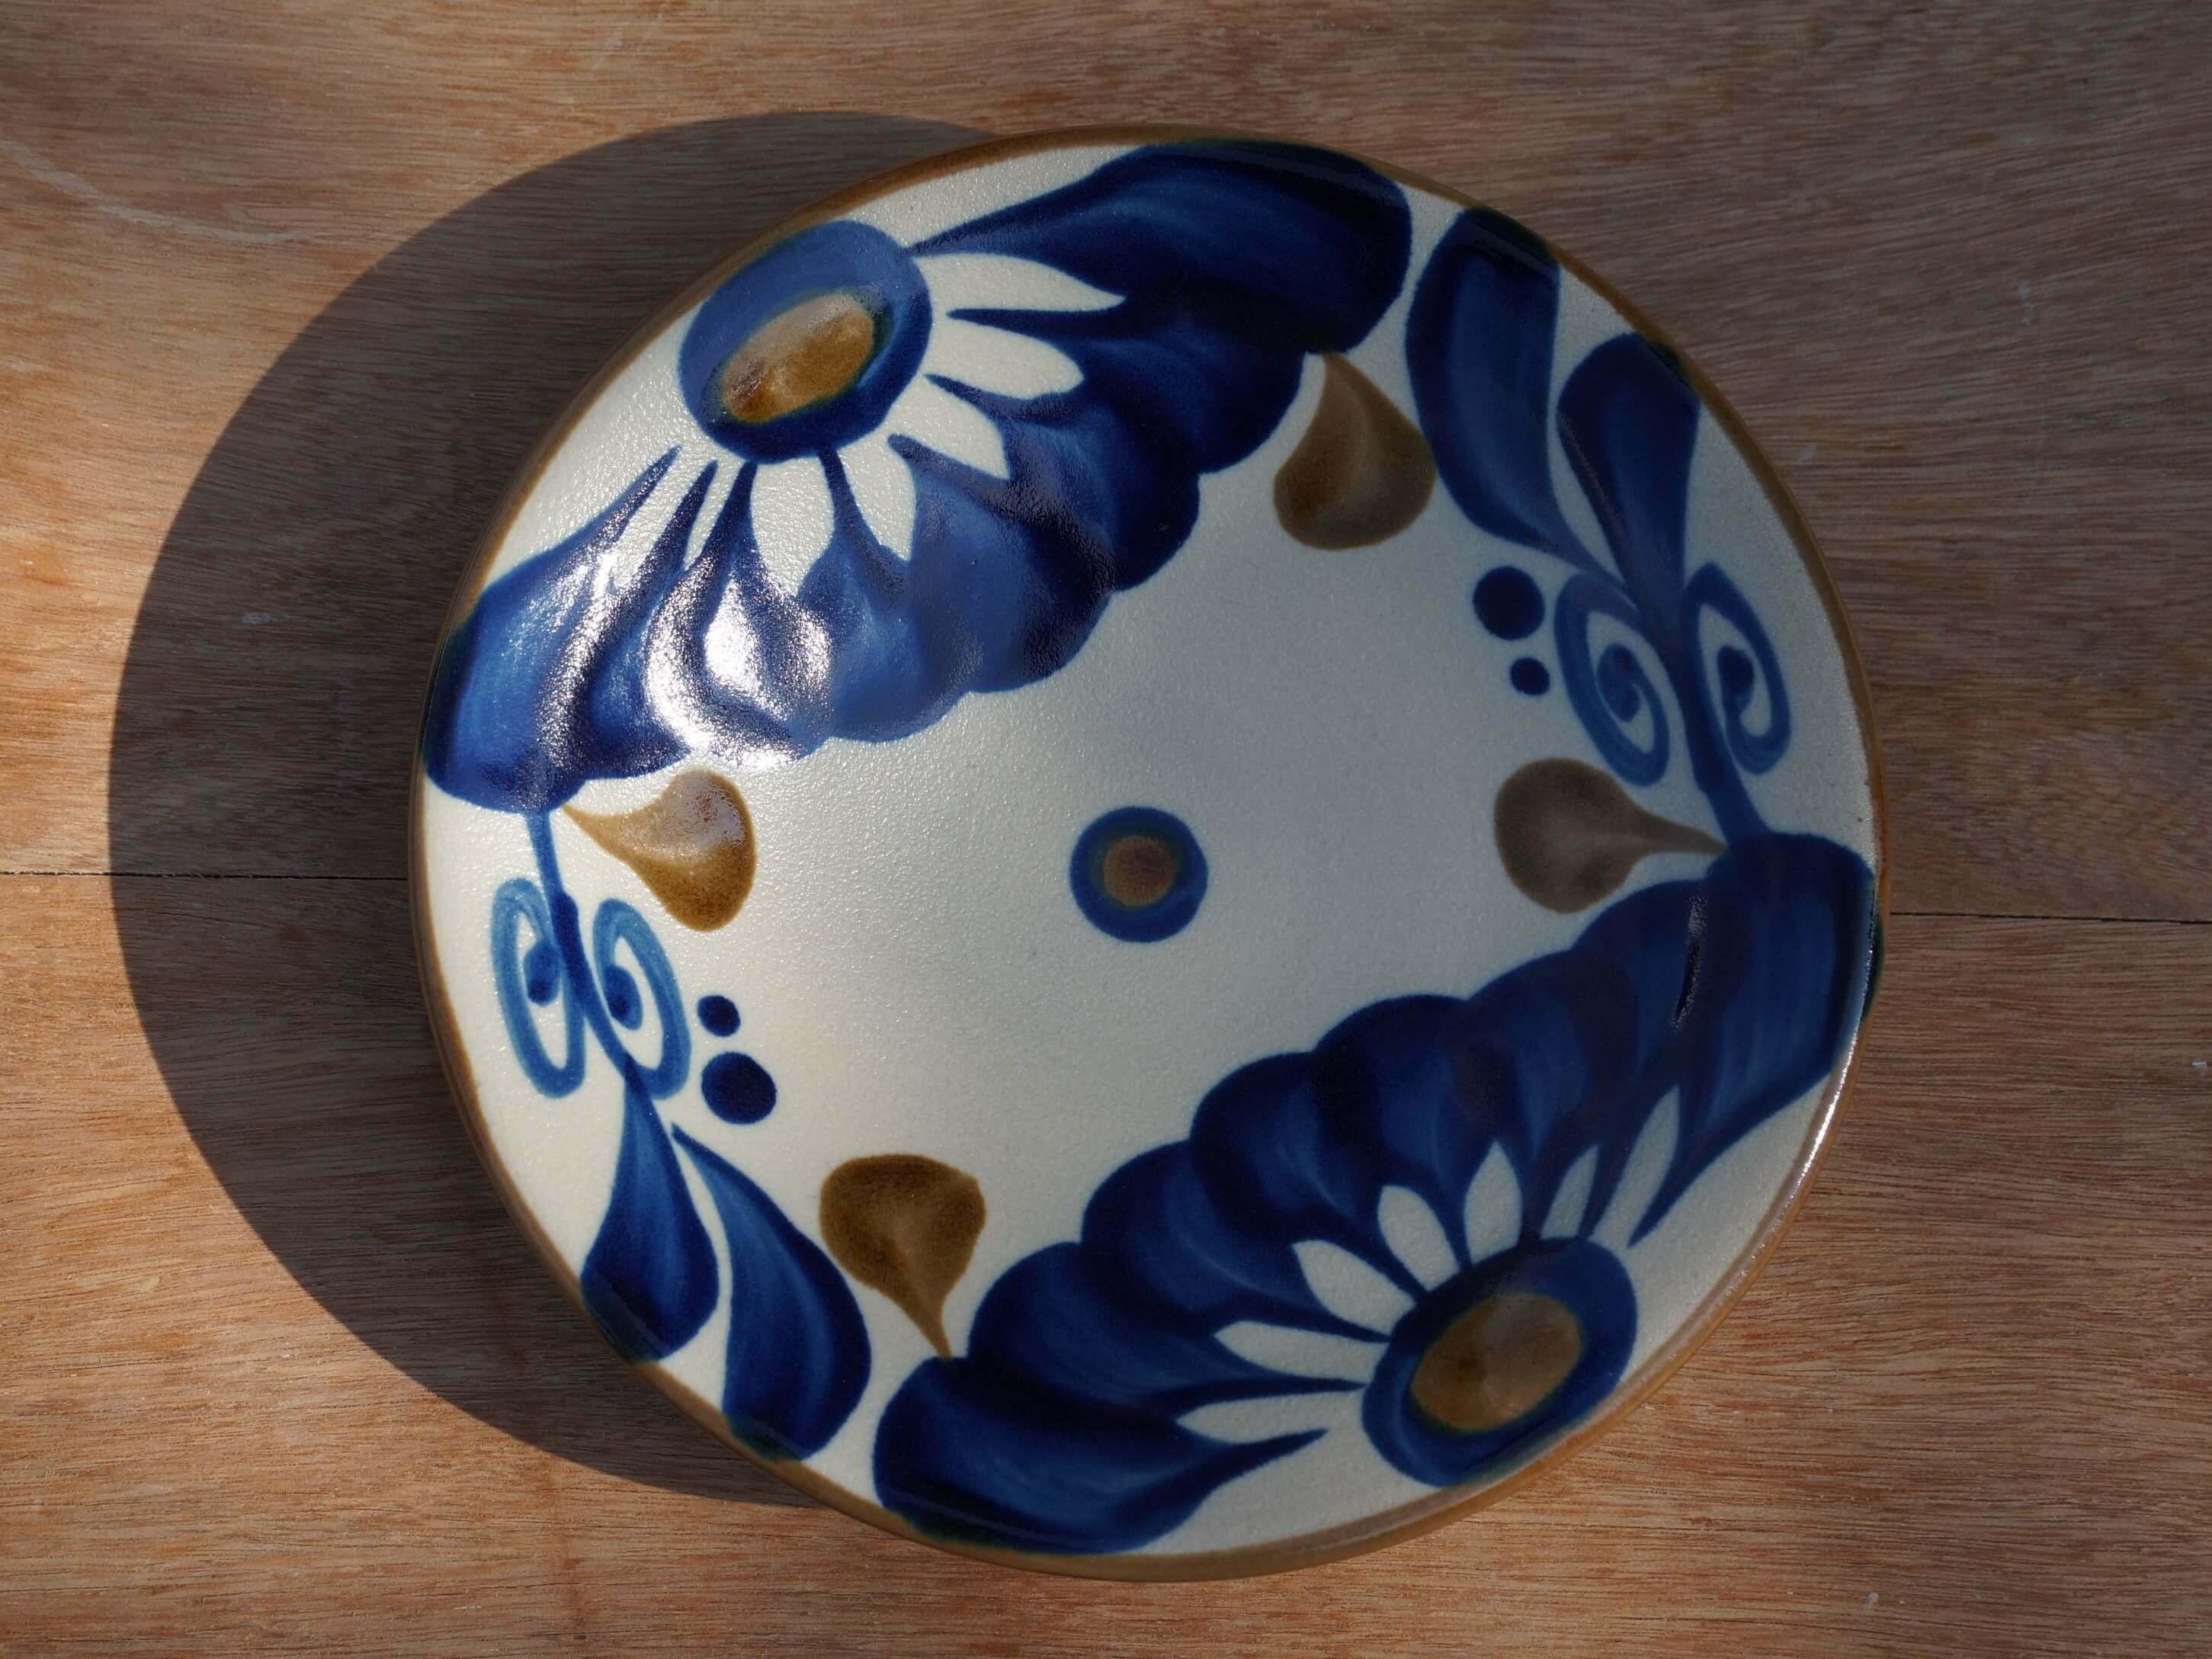 コバルトが鮮やかな唐草の5寸皿(約15cm) ヤチムン大城工房 大城雅史 やちむん